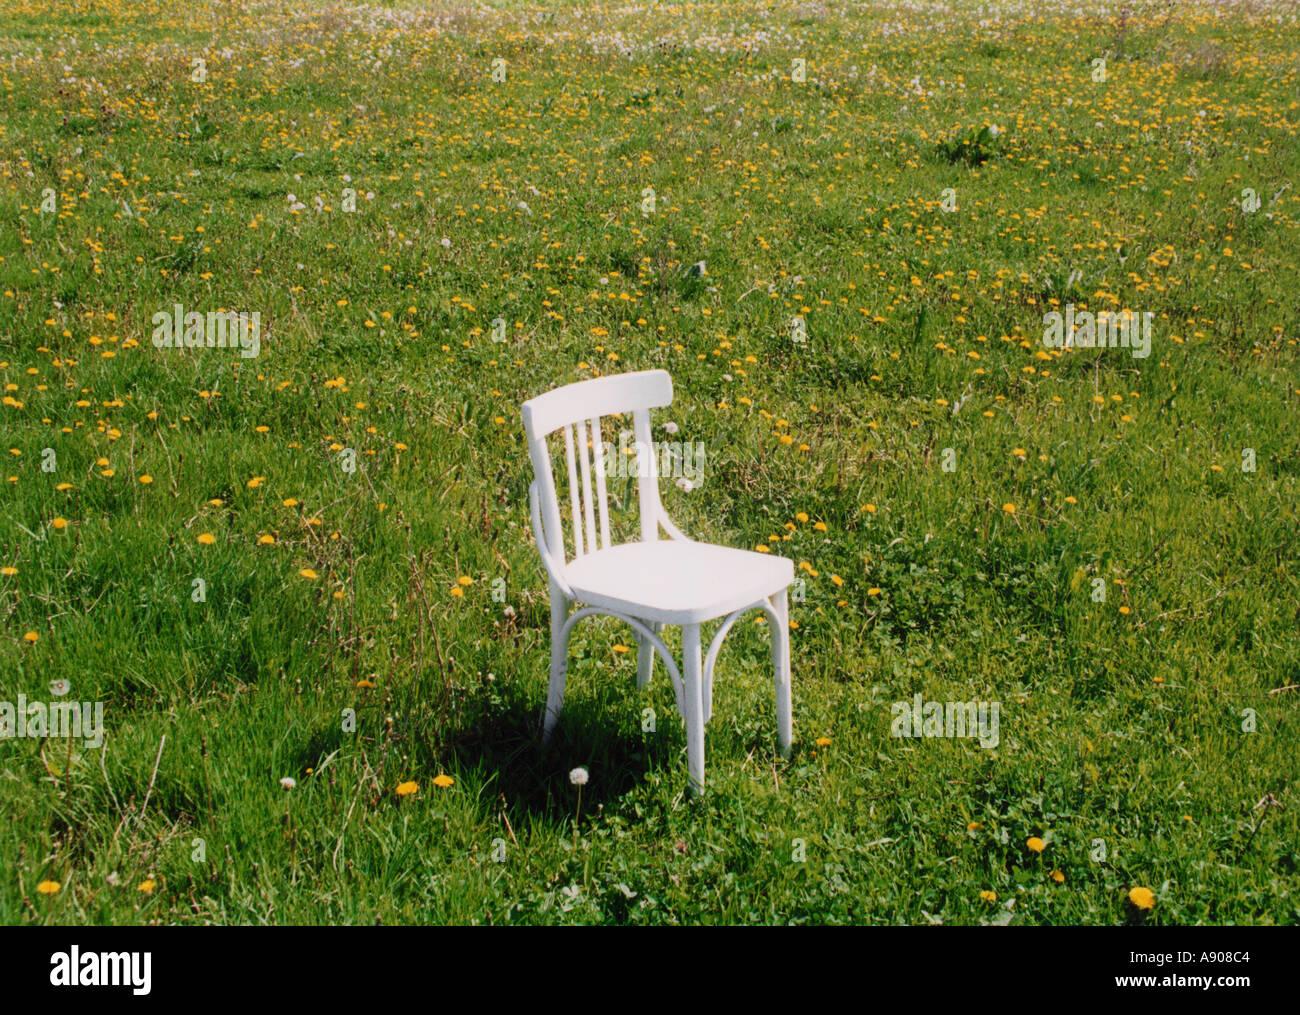 Weißer Stuhl Auf Der Wiese Mit Gelben Blüten Stockfoto Bild 592068